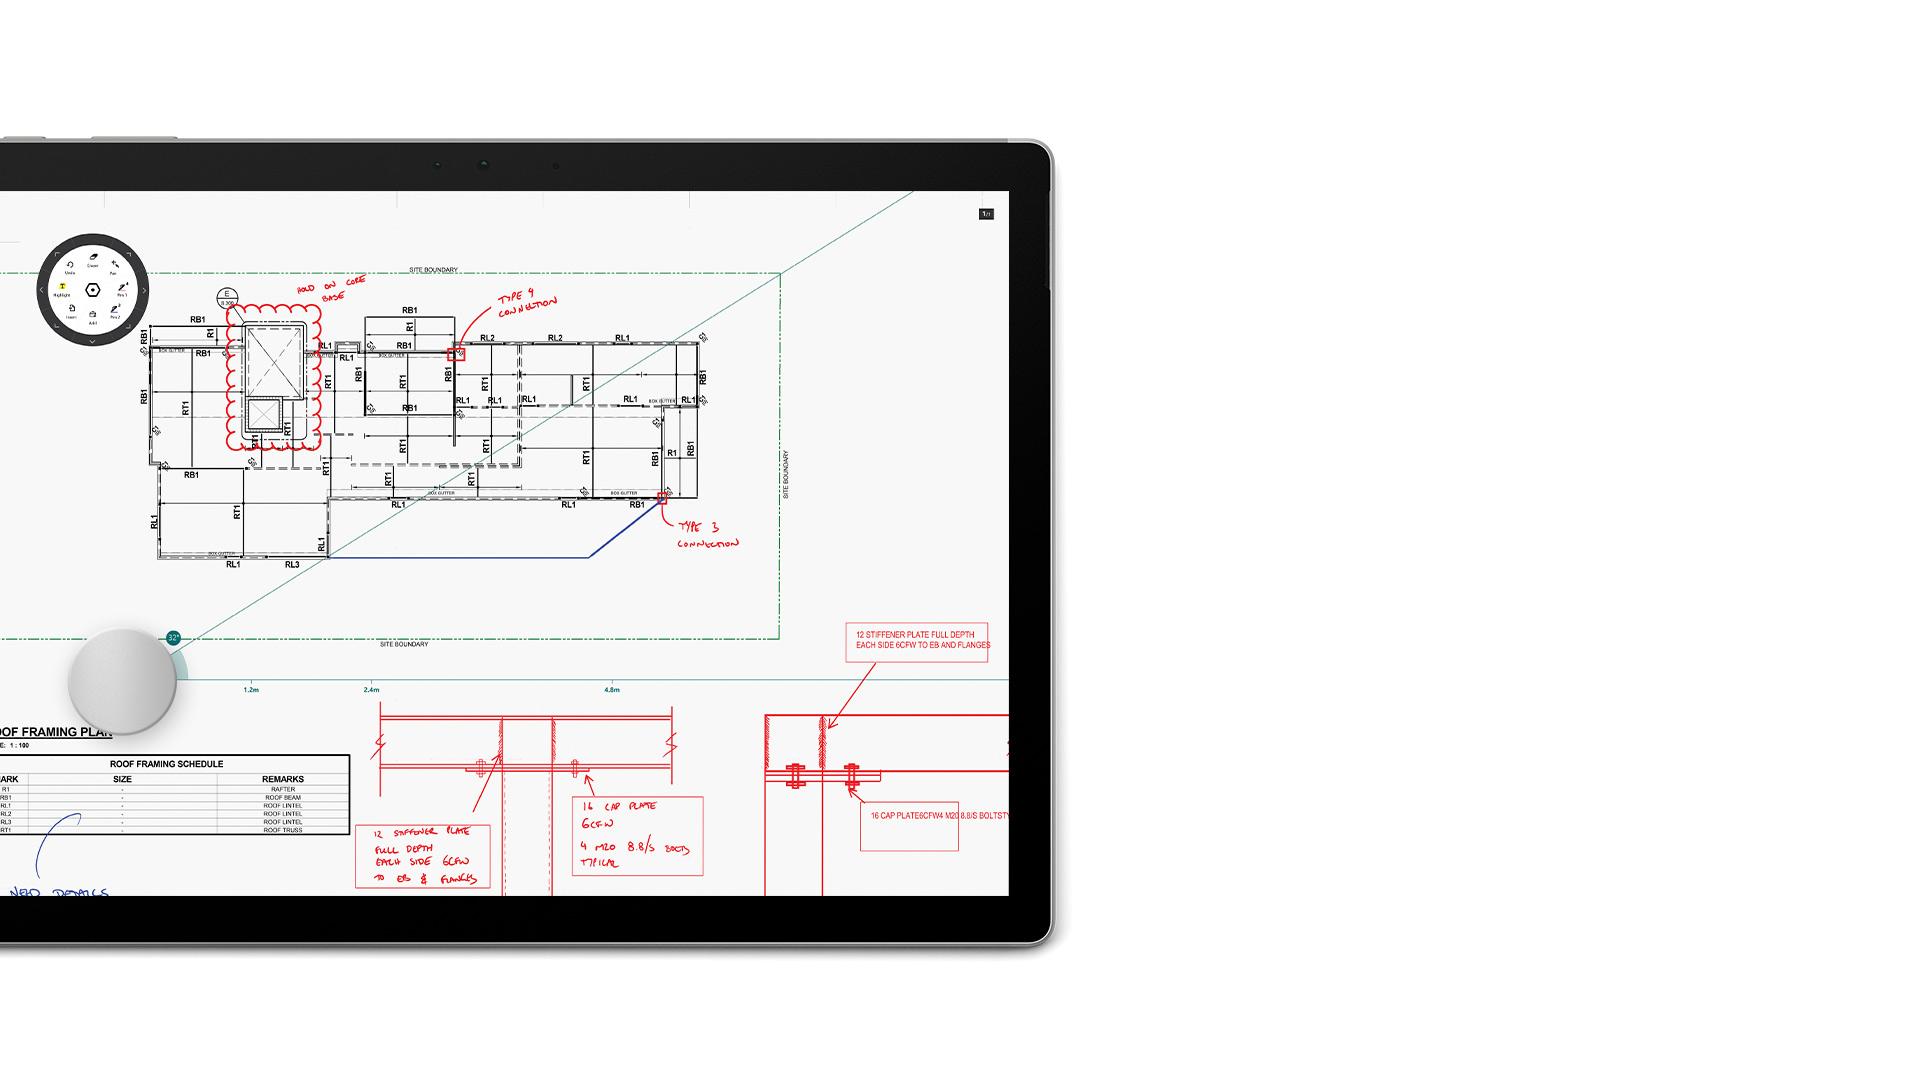 acheter un surface laptop ou un pc pour vos tudiants surface. Black Bedroom Furniture Sets. Home Design Ideas